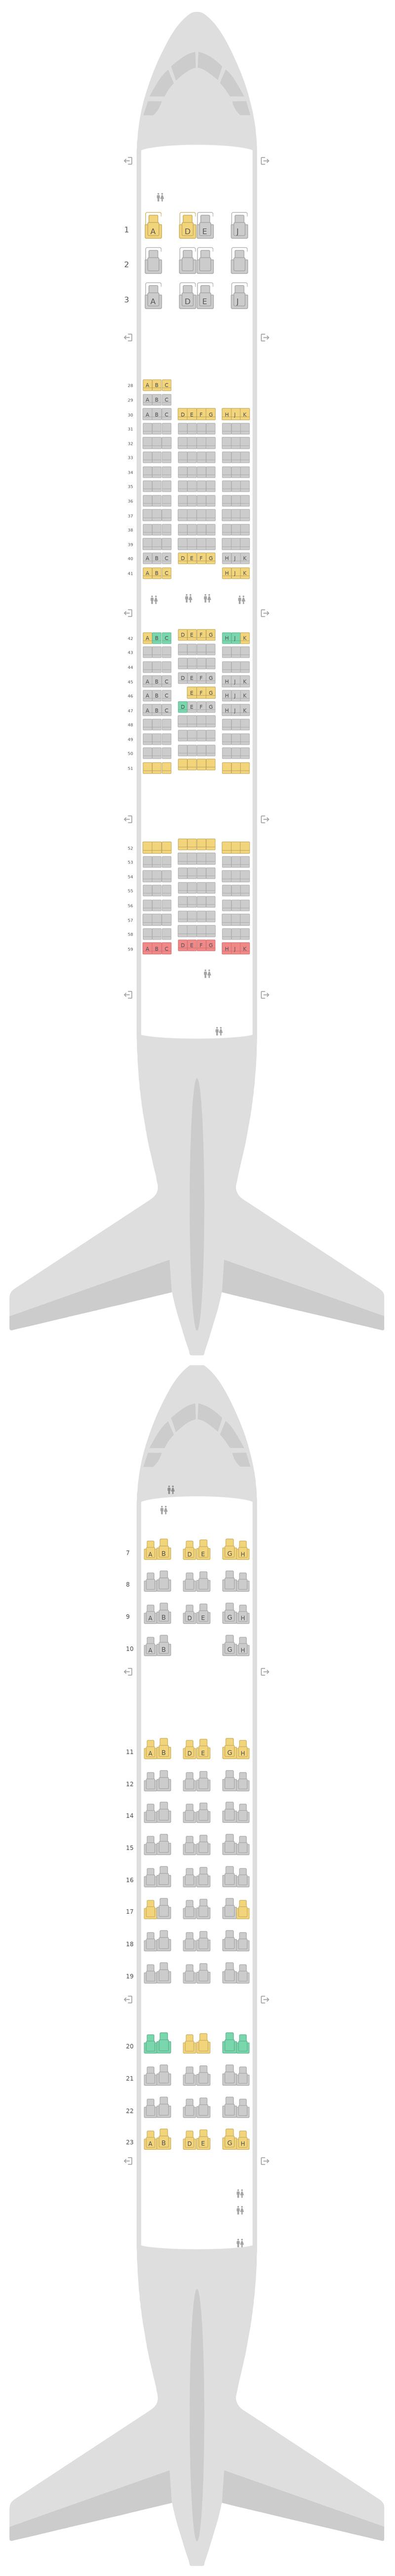 Sitzplan Airbus A380-800 (388) Korean Air